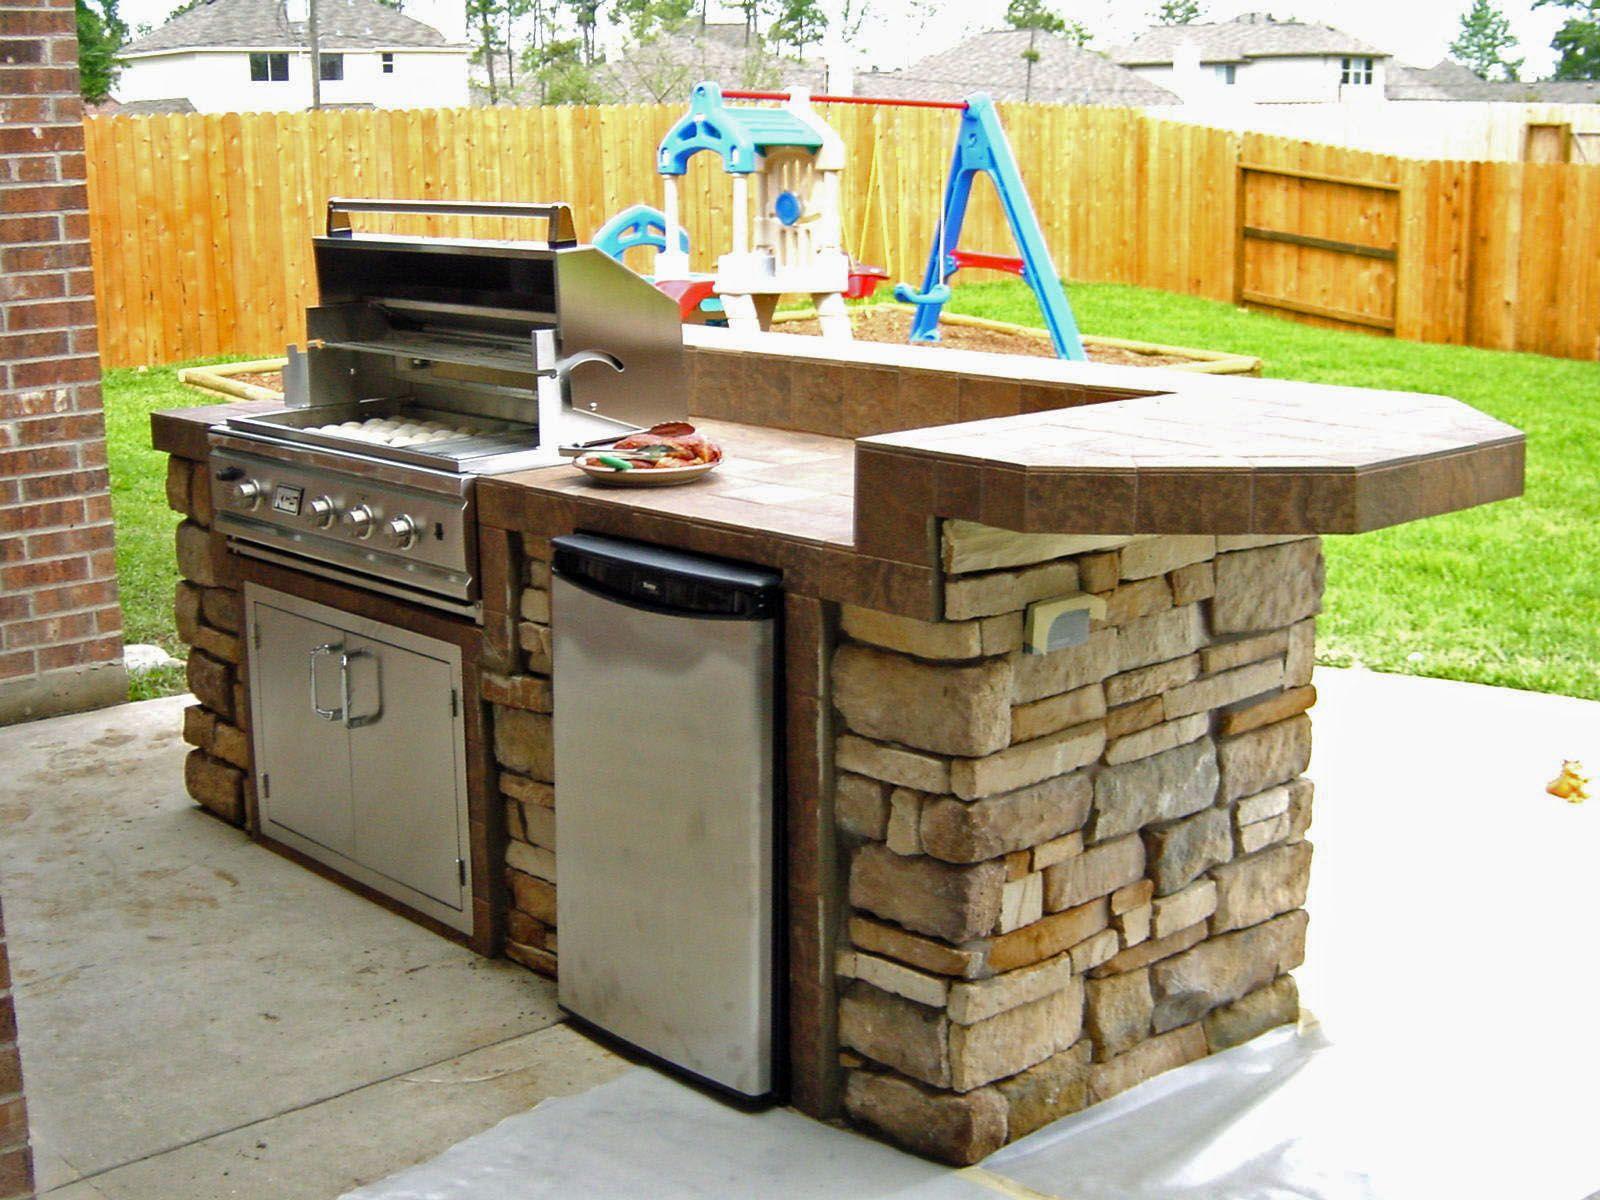 Die Coole Kleine Outdoor Küche Design Sobald Sie in der Küche ...